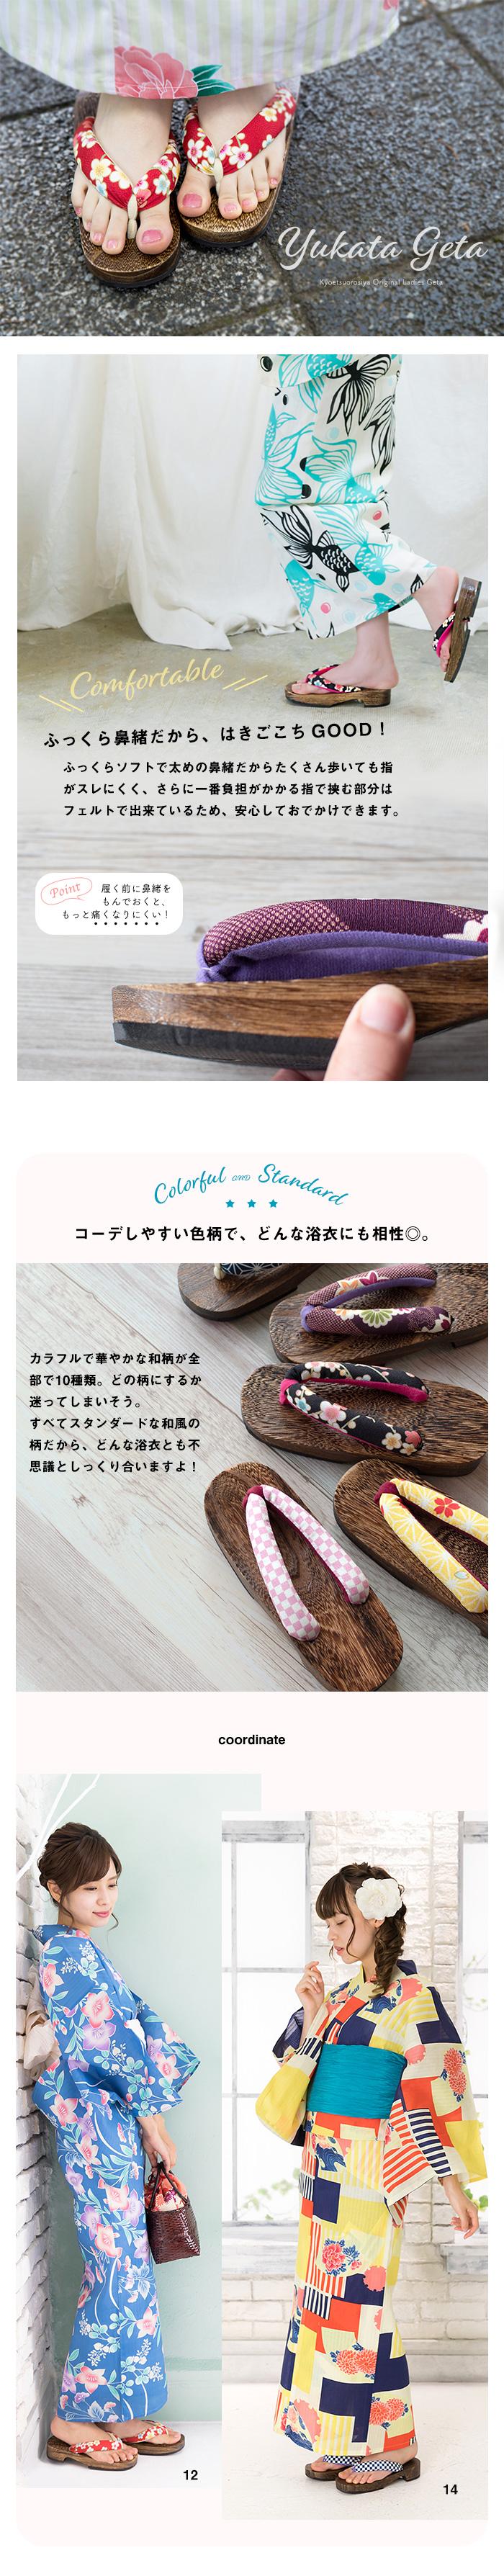 Kyoetsu Geta Paulownia Brown Ladies Size 25.5cm